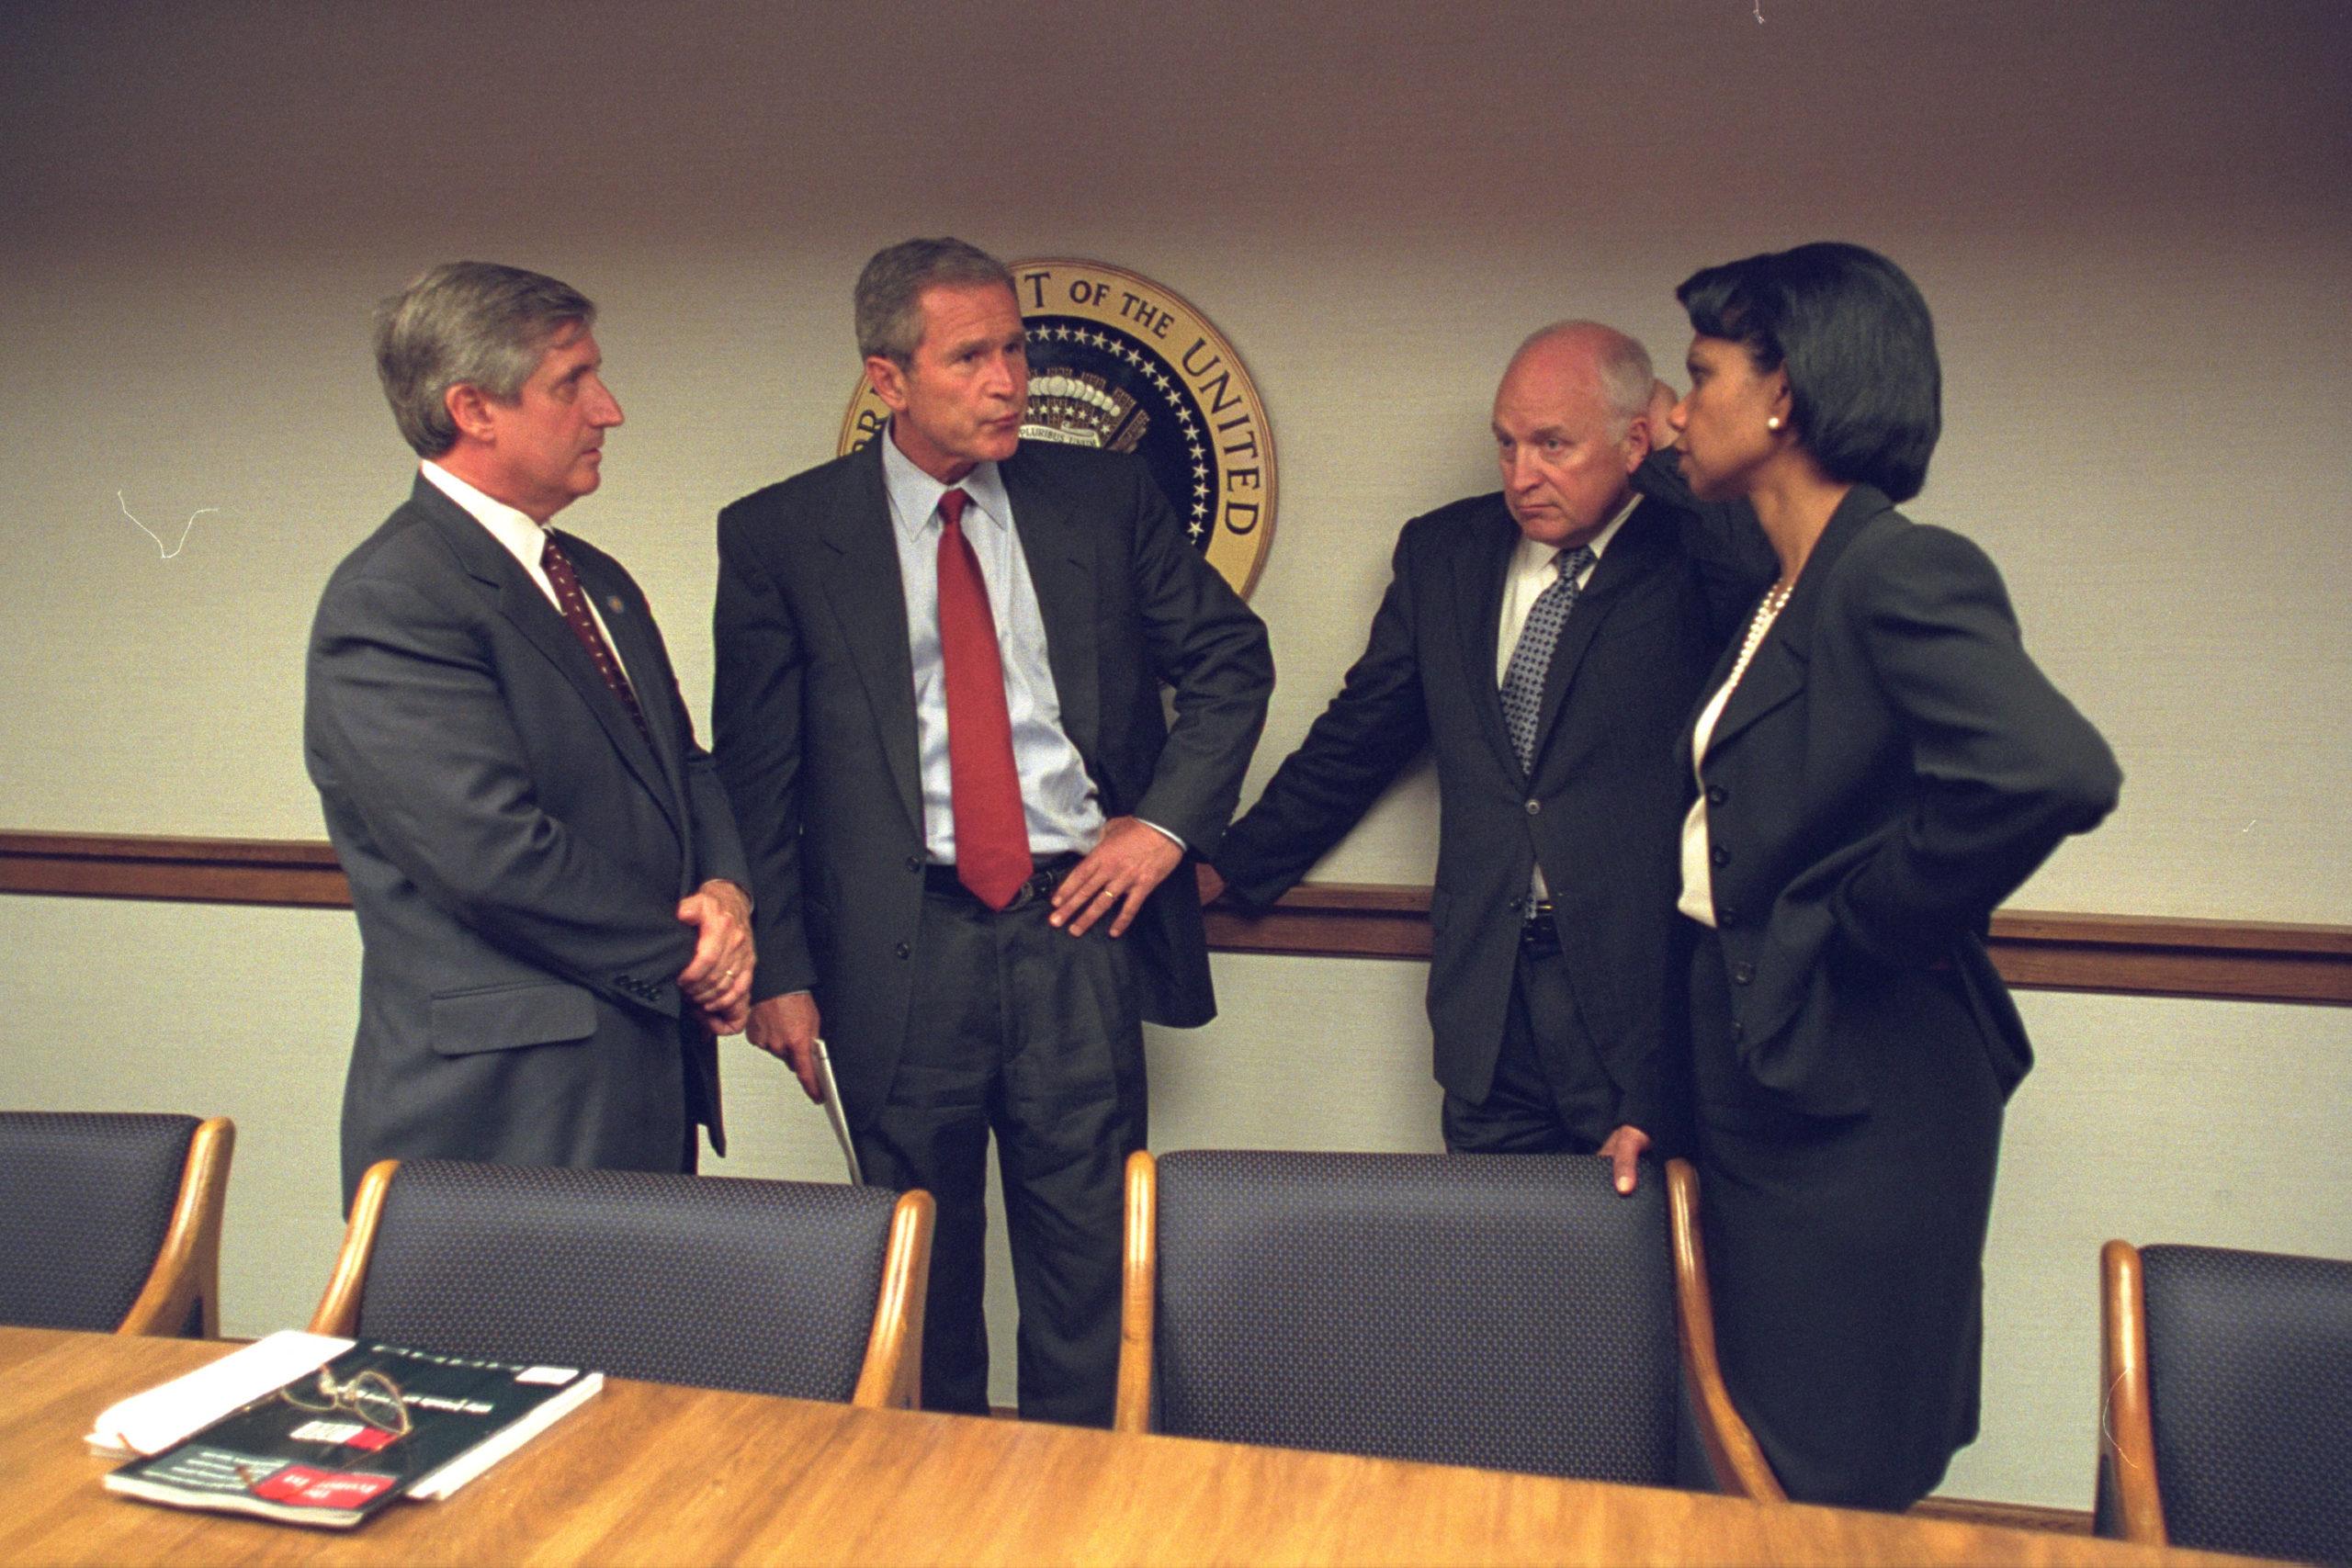 Presidente George W. Bush ao centro. Crédito: Arquivos Nacionais dos EUA